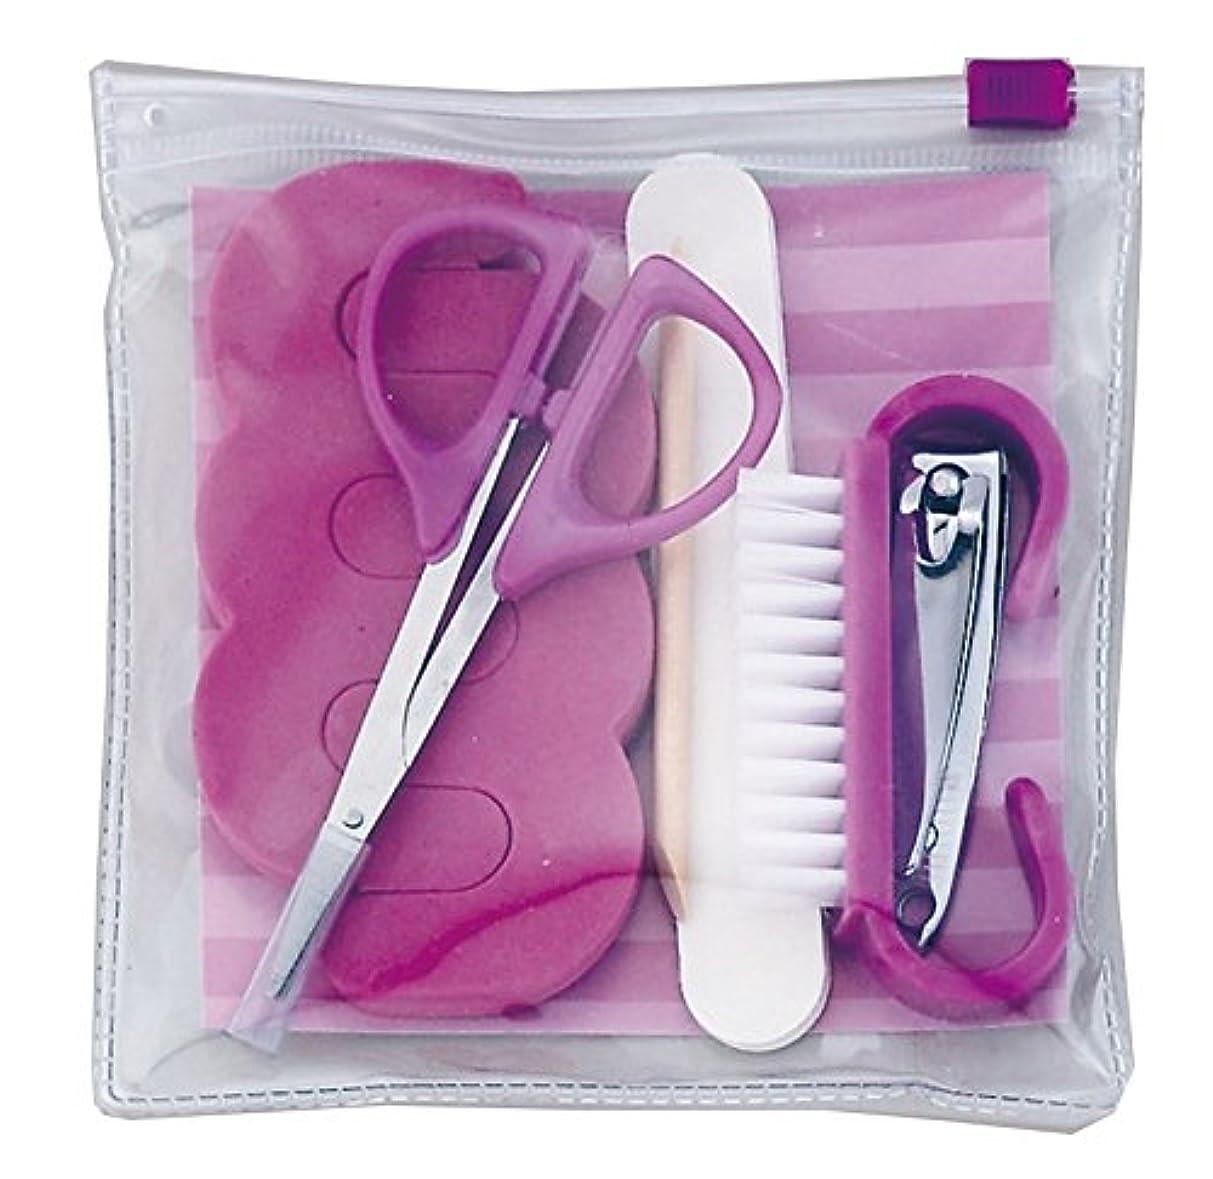 プライバシーお風呂を持っているライラックかわいい 爪切り セット 6バラエティーズ ( トゥーセパレーター ネイルブラシ 爪切り はさみ 甘皮カット 爪やすり 専用ポーチ ) パープル